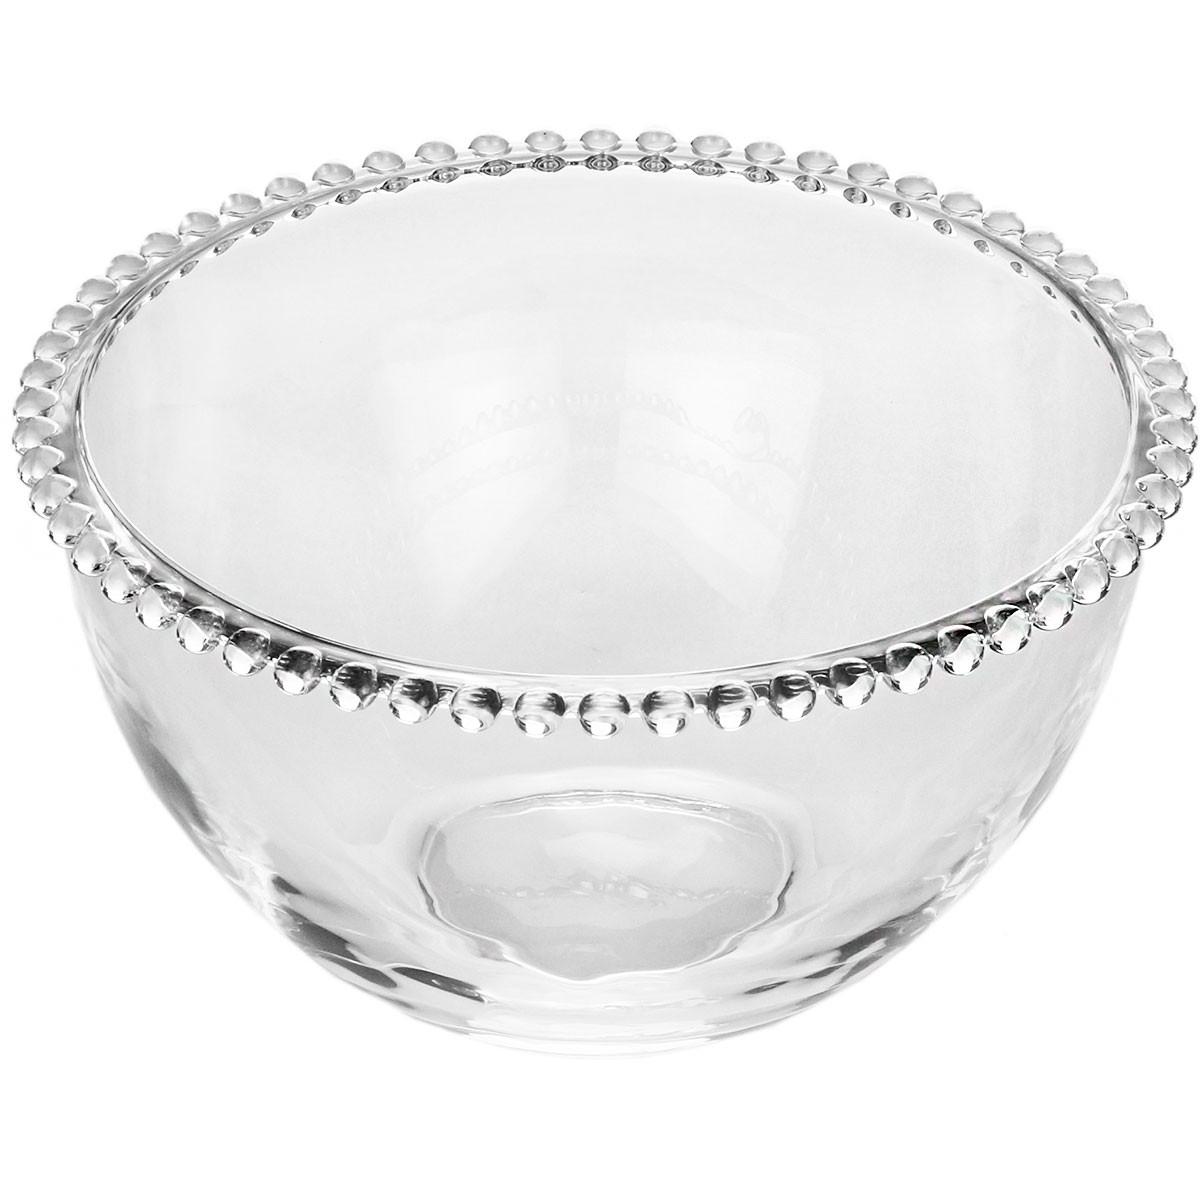 Bowl De Cristal Pearl Wolff